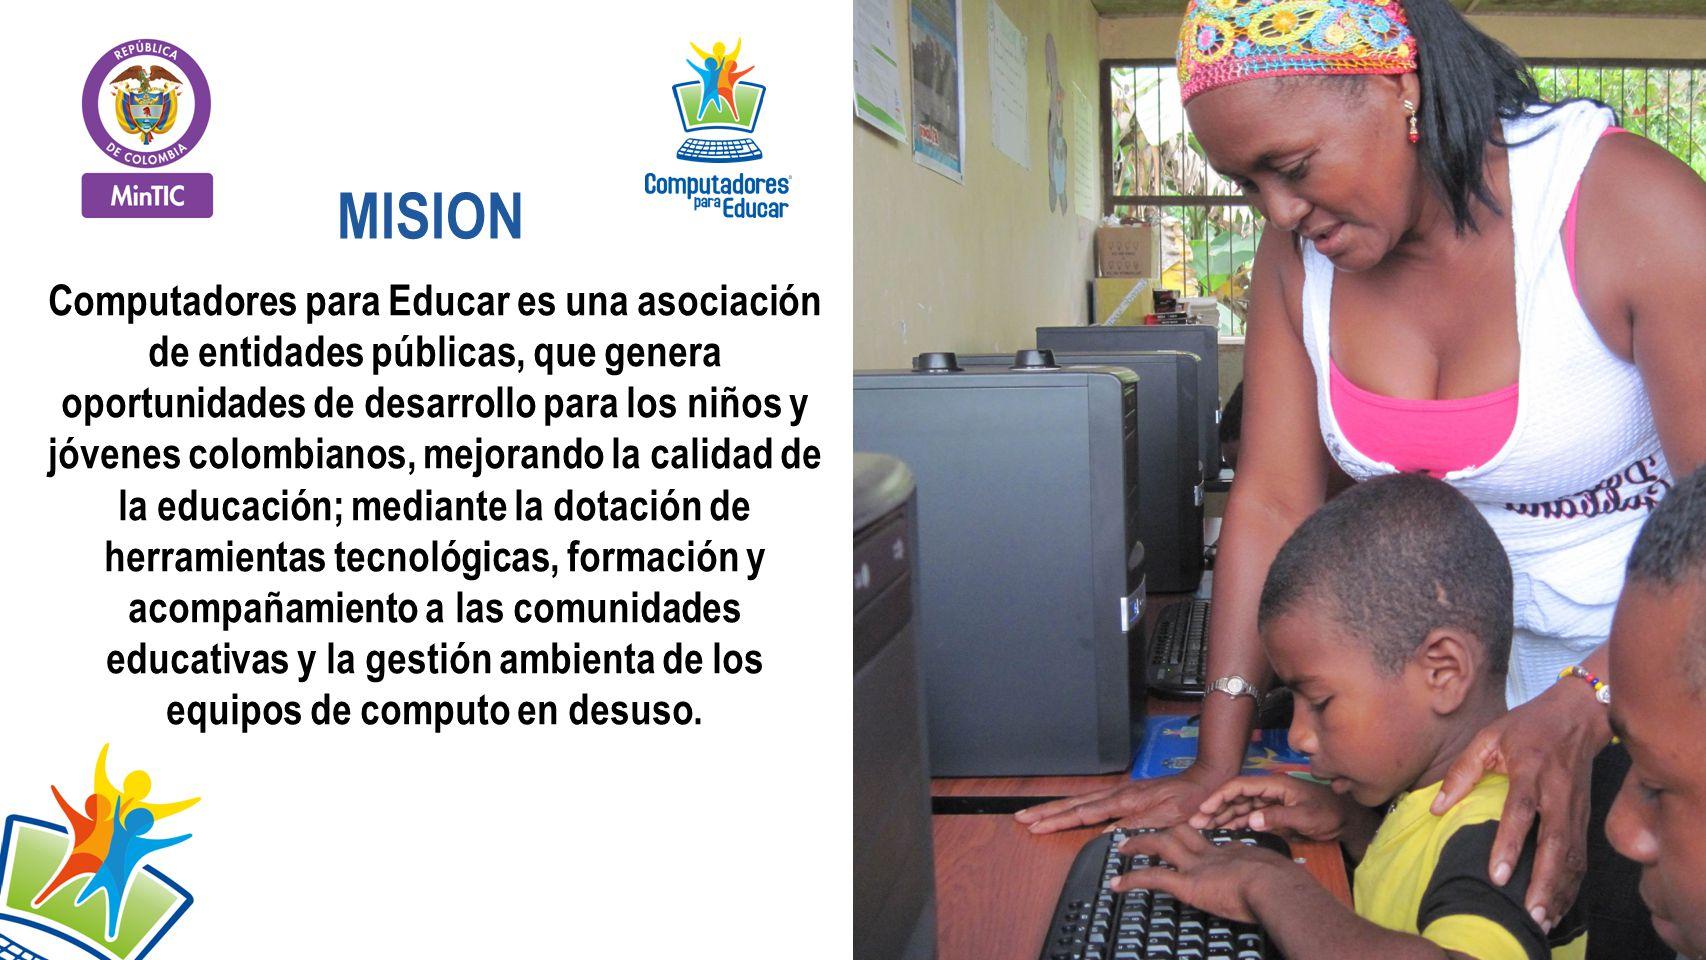 Computadores para Educar es una asociación de entidades públicas, que genera oportunidades de desarrollo para los niños y jóvenes colombianos, mejorando la calidad de la educación; mediante la dotación de herramientas tecnológicas, formación y acompañamiento a las comunidades educativas y la gestión ambienta de los equipos de computo en desuso.